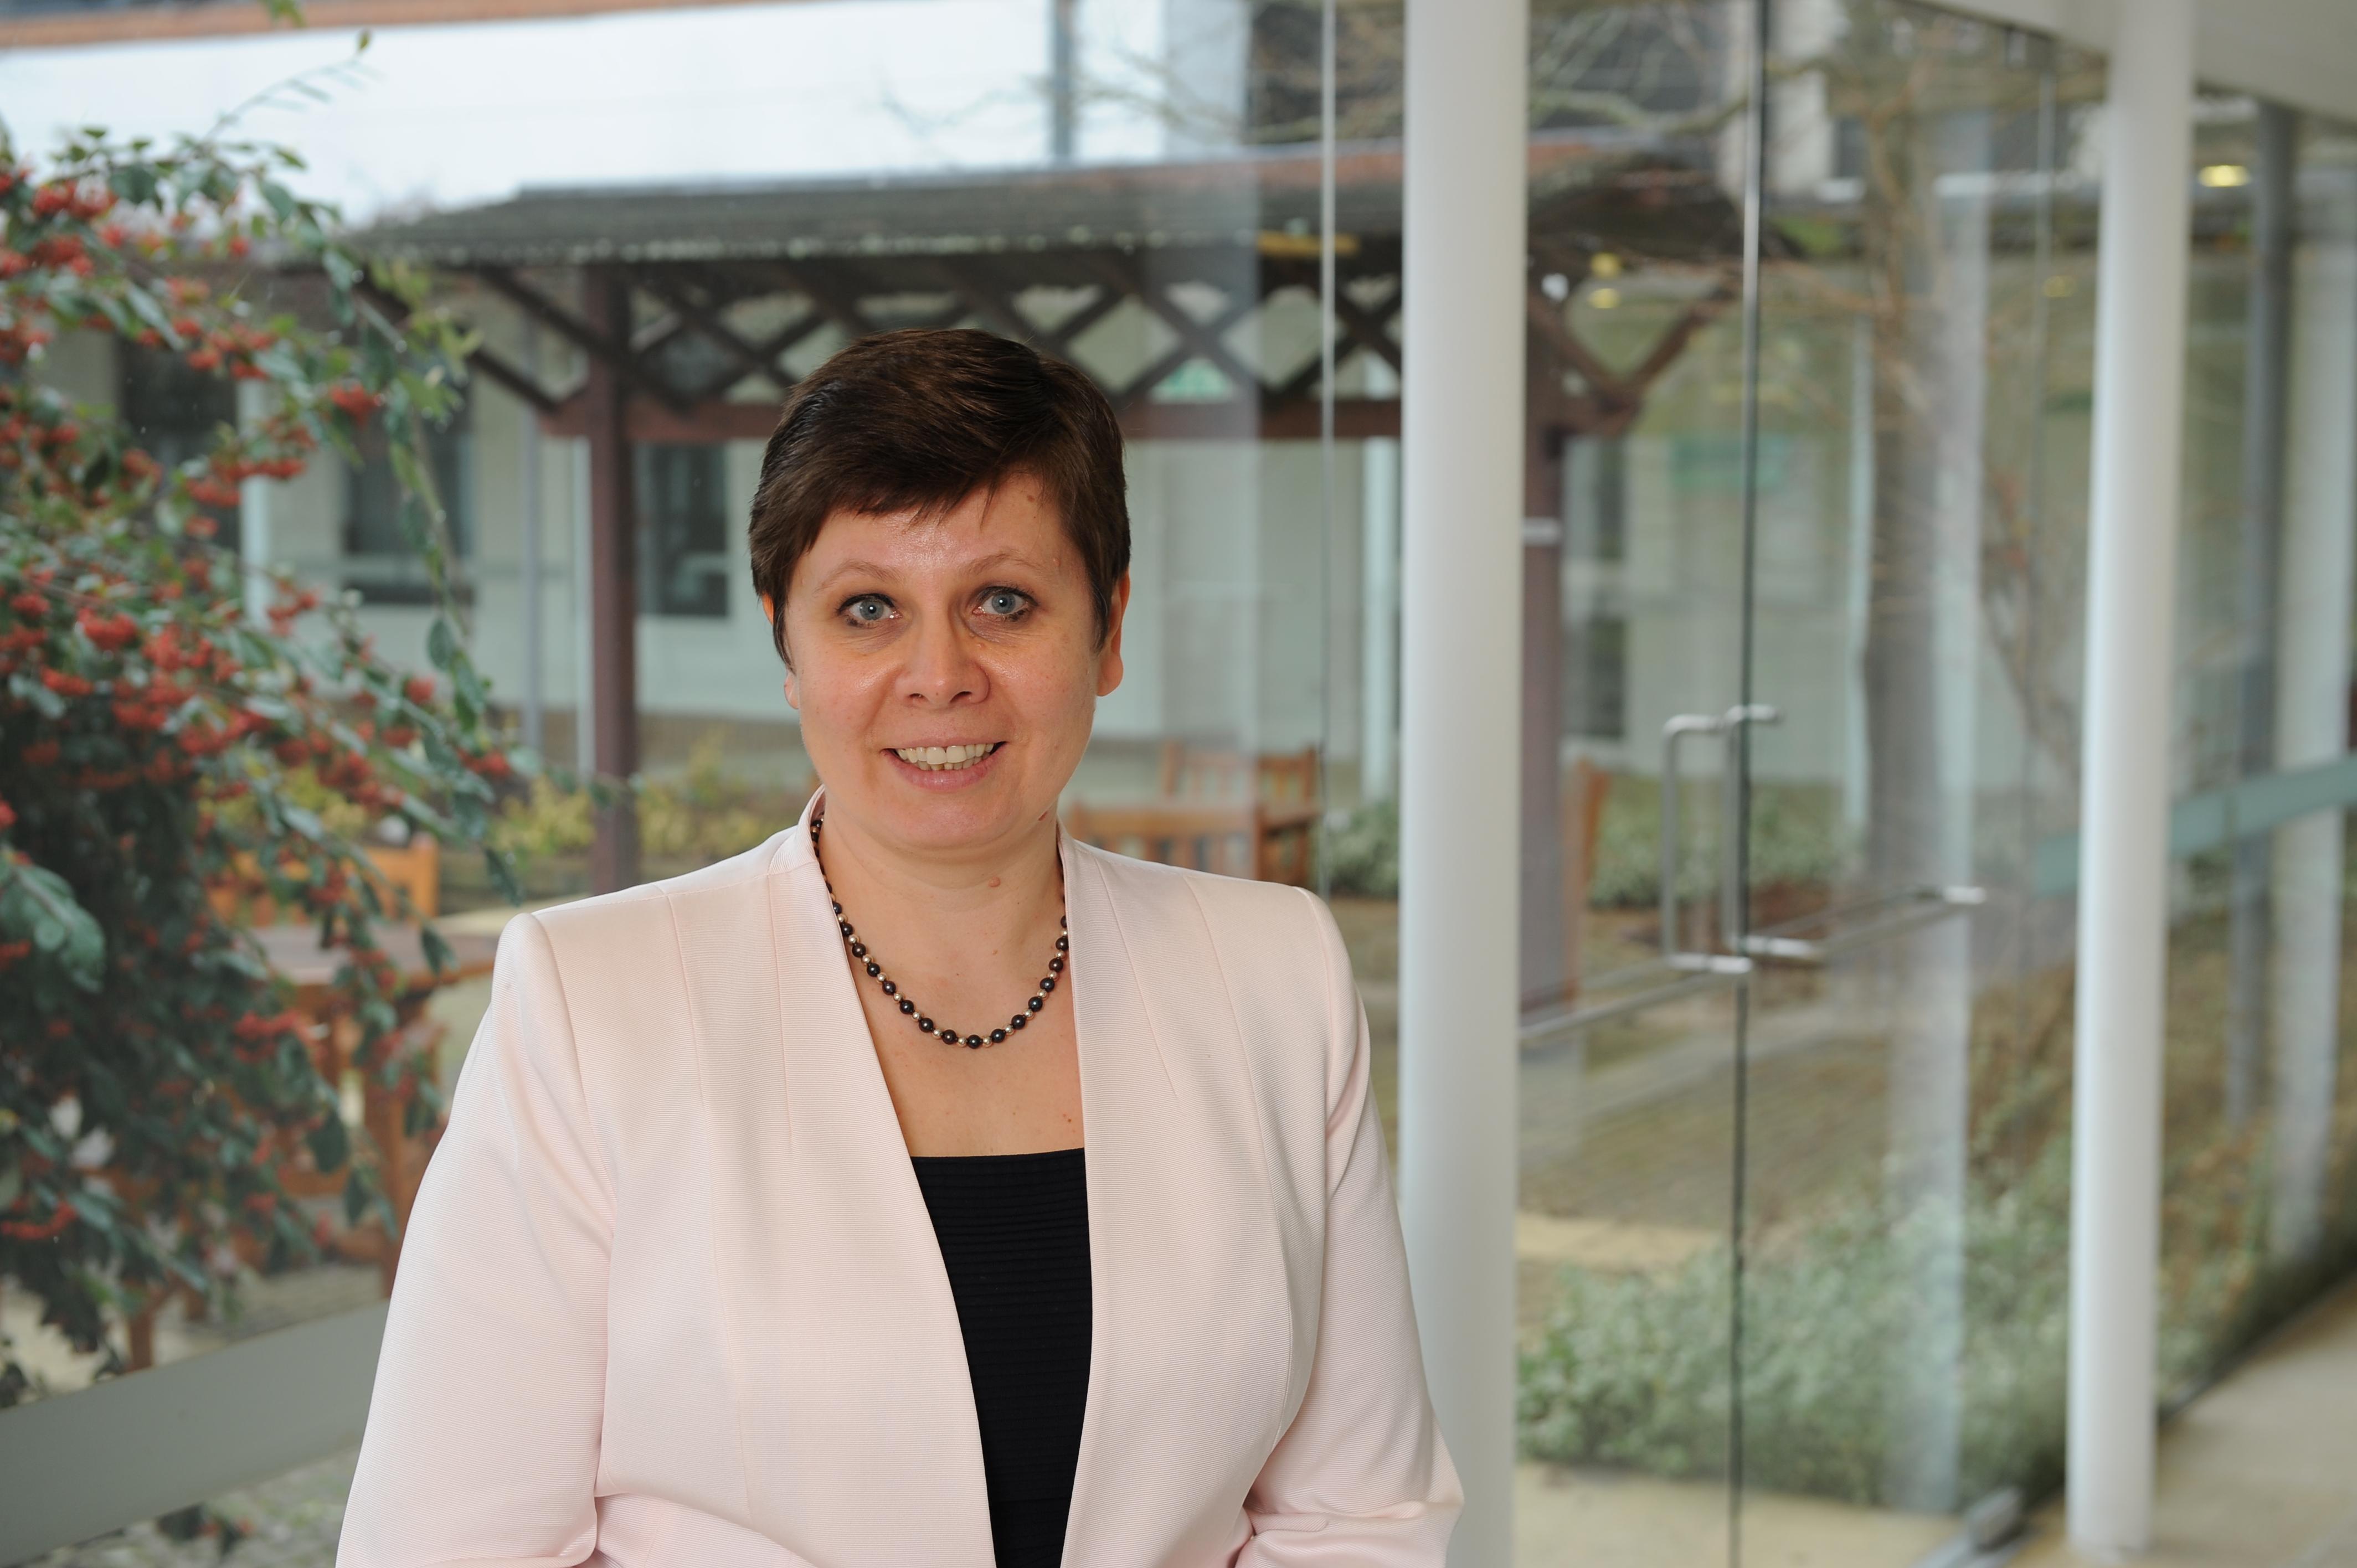 Professor Yelena Kalyuzhnova